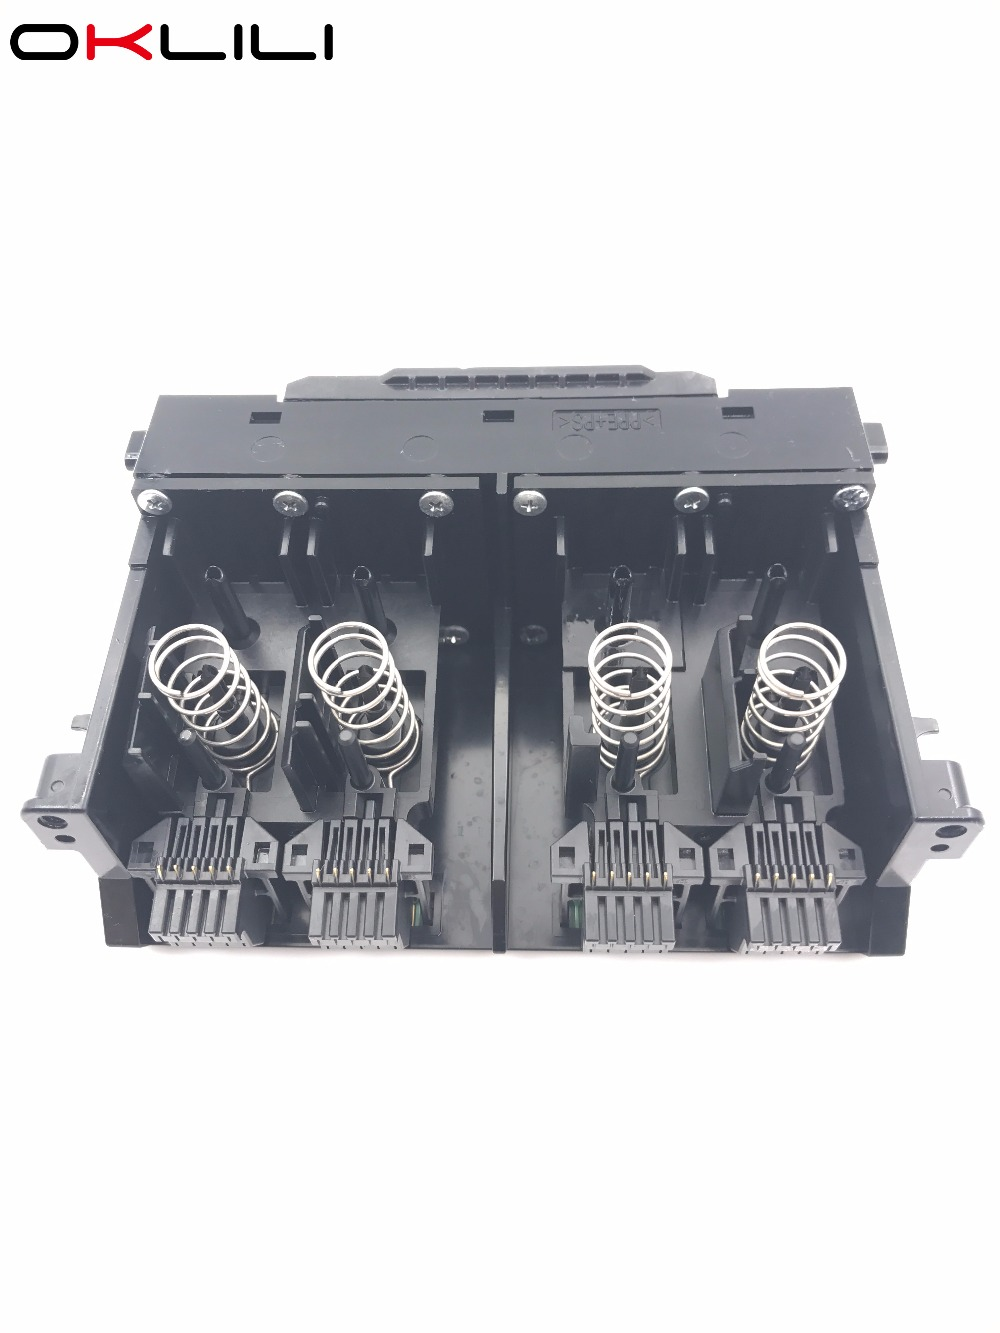 QY6-0087 печатающей головки для Canon IB4020 IB4050 IB4080 IB4180 MB2020 MB2050 MB2320 MB2350 MB5020 MB5050 MB5080 MB5180 5350